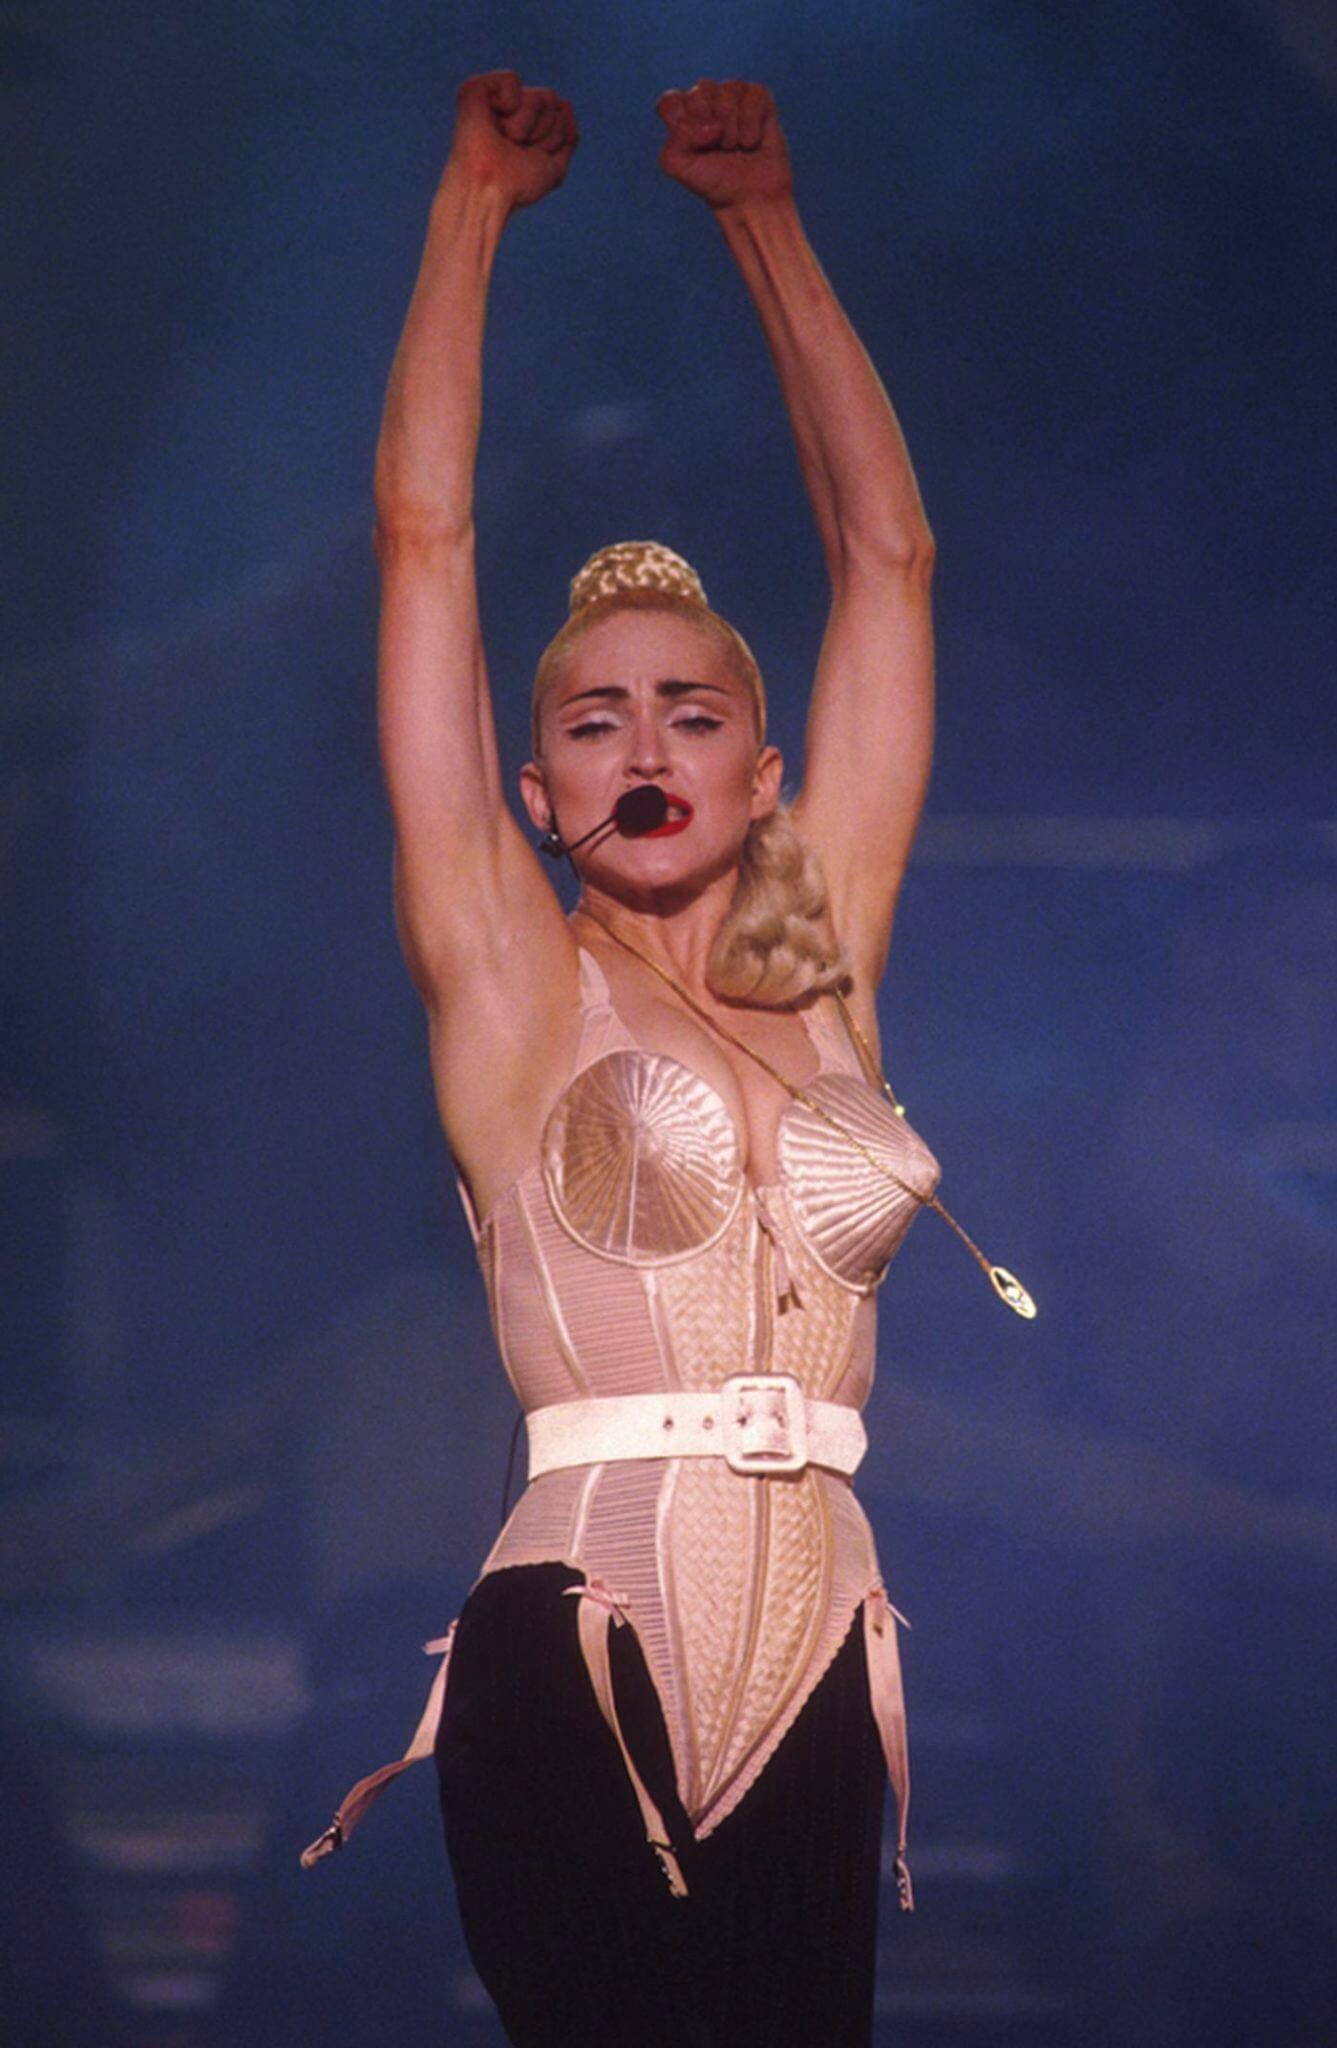 Madonna en su Blonde Ambition Tour de 1990. Fotografía: Archive/Getty